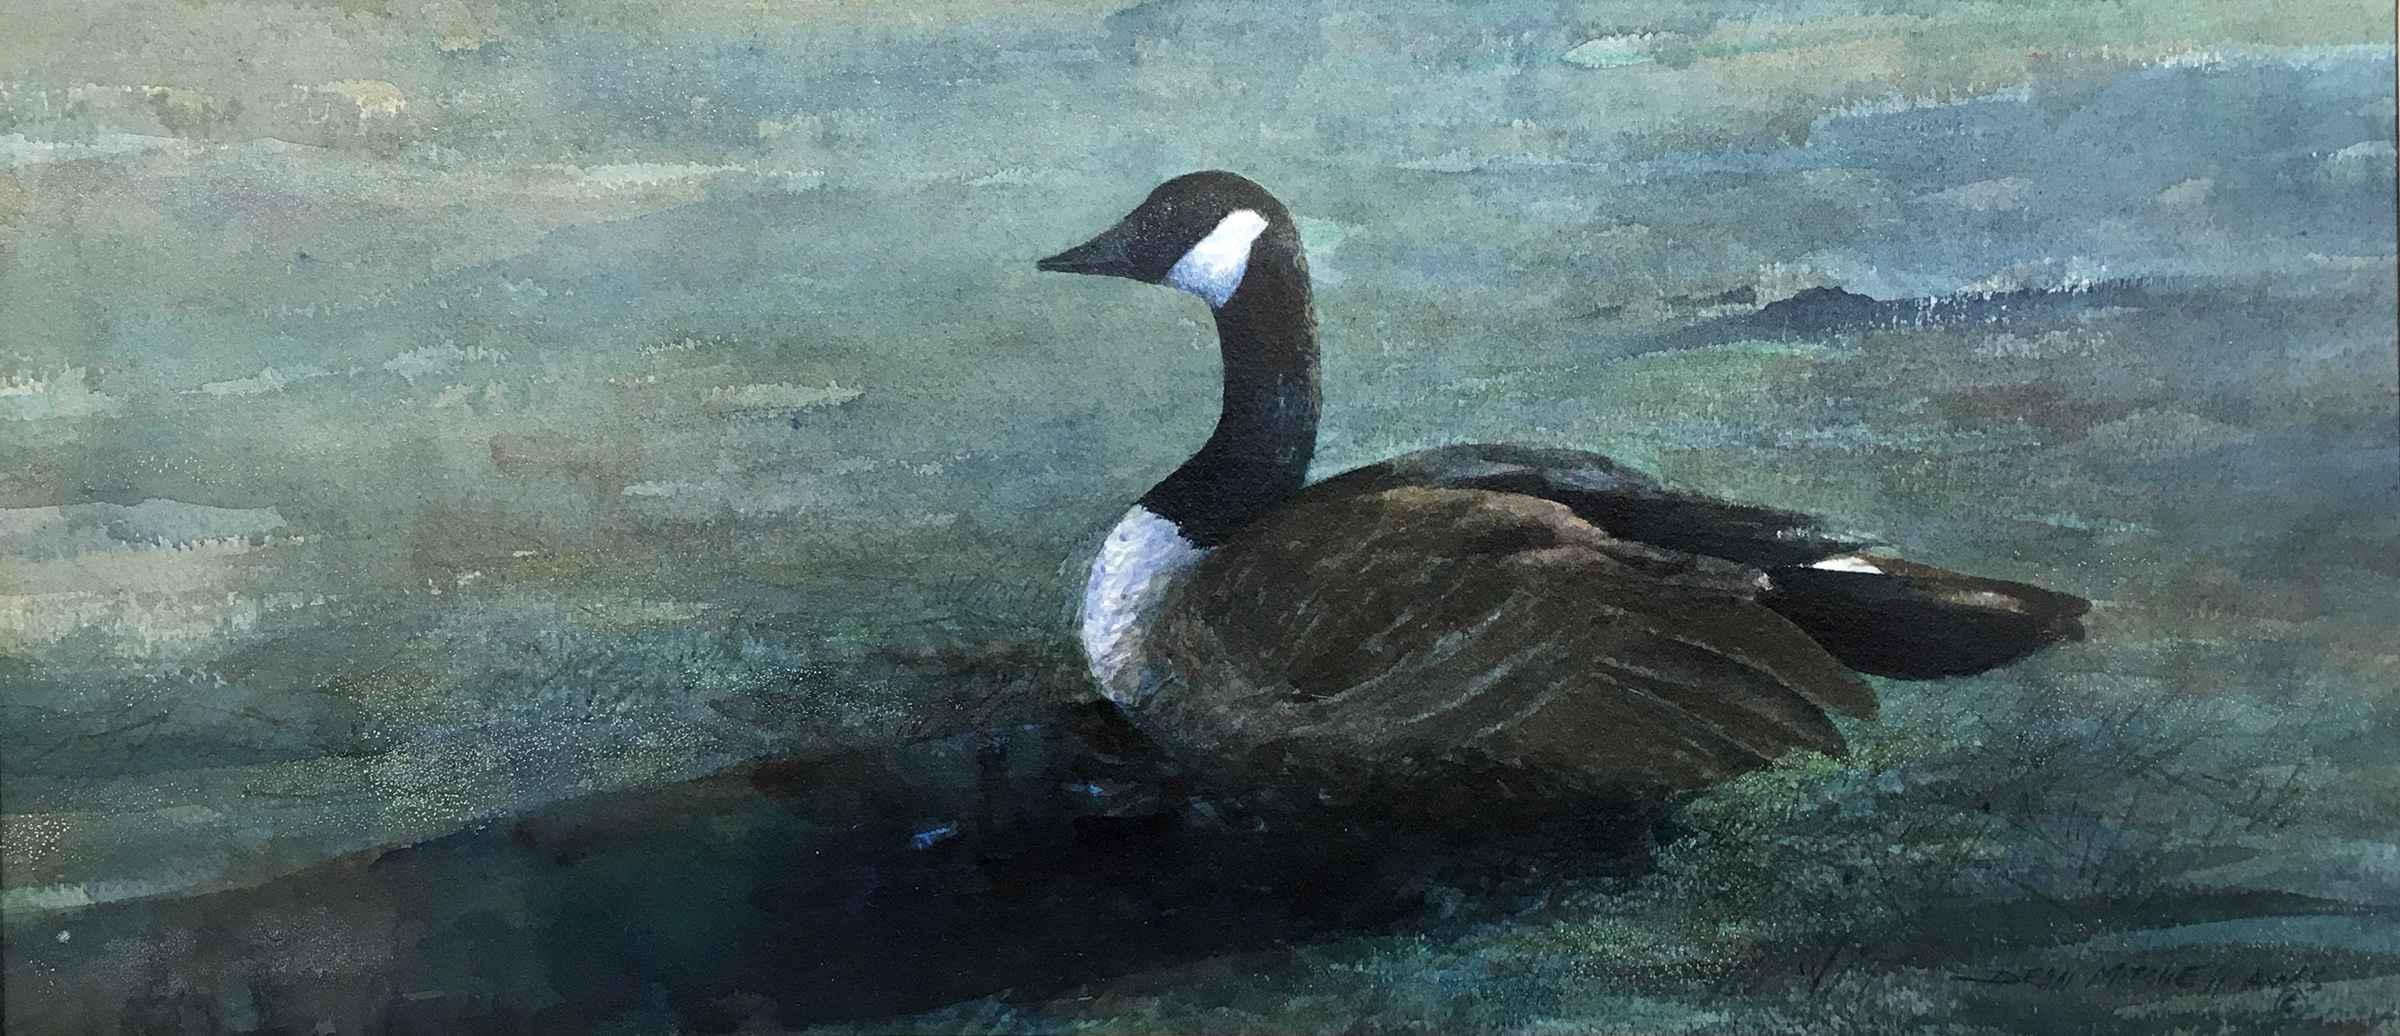 Goose by Dean Mitchell by  Estate Artwork - Masterpiece Online